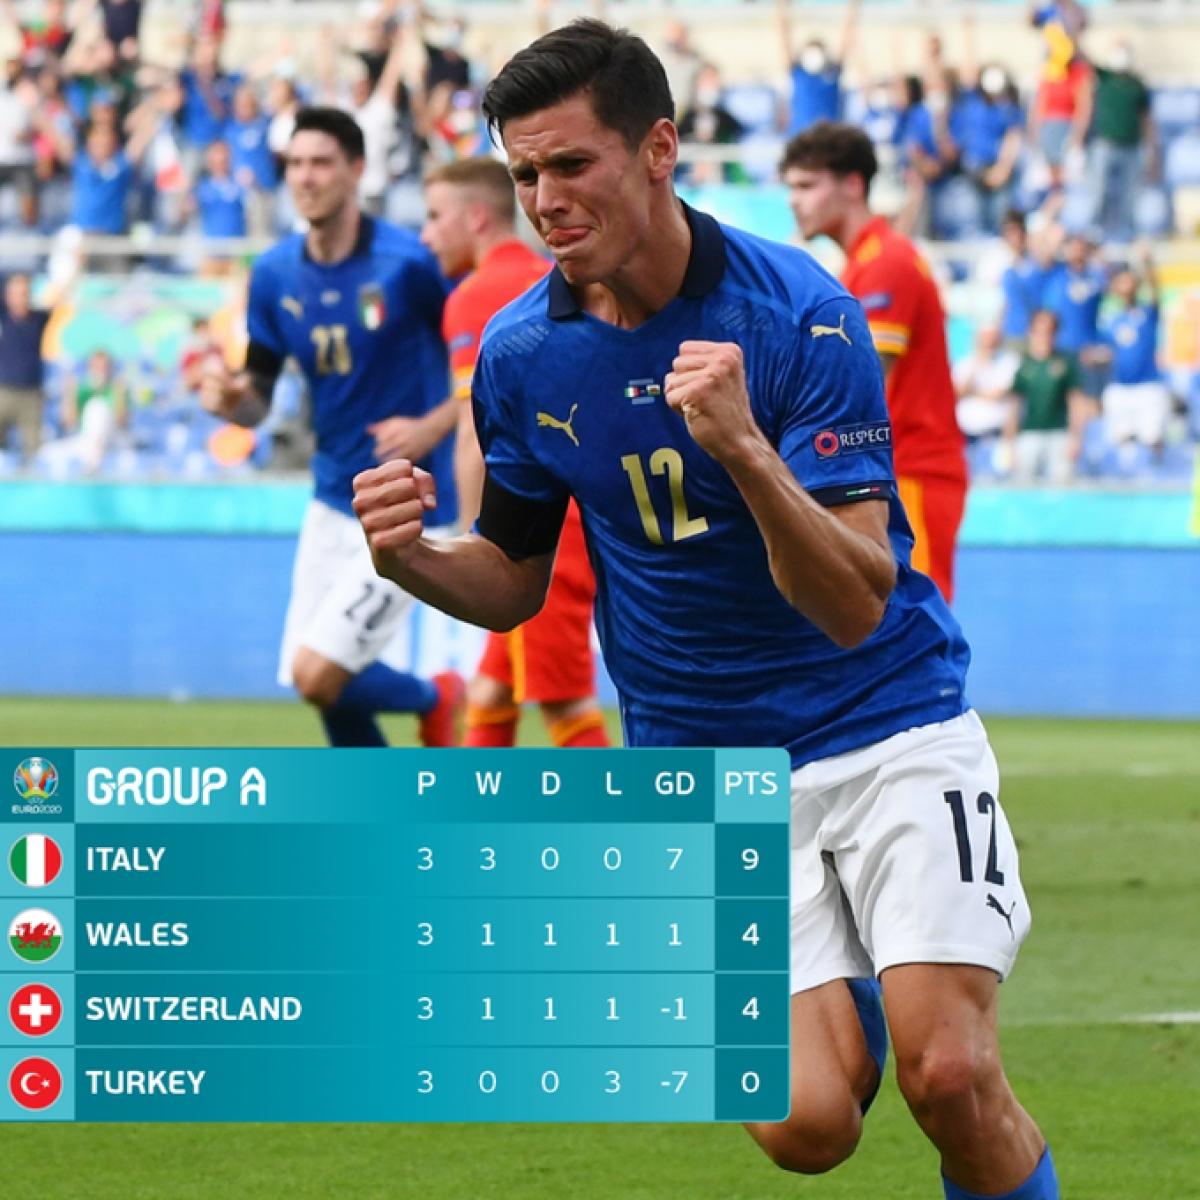 Italia, Xứ Wales, Thụy Sĩ đã giành vé đi tiếp tại bảng A. (Ảnh: UEFA)